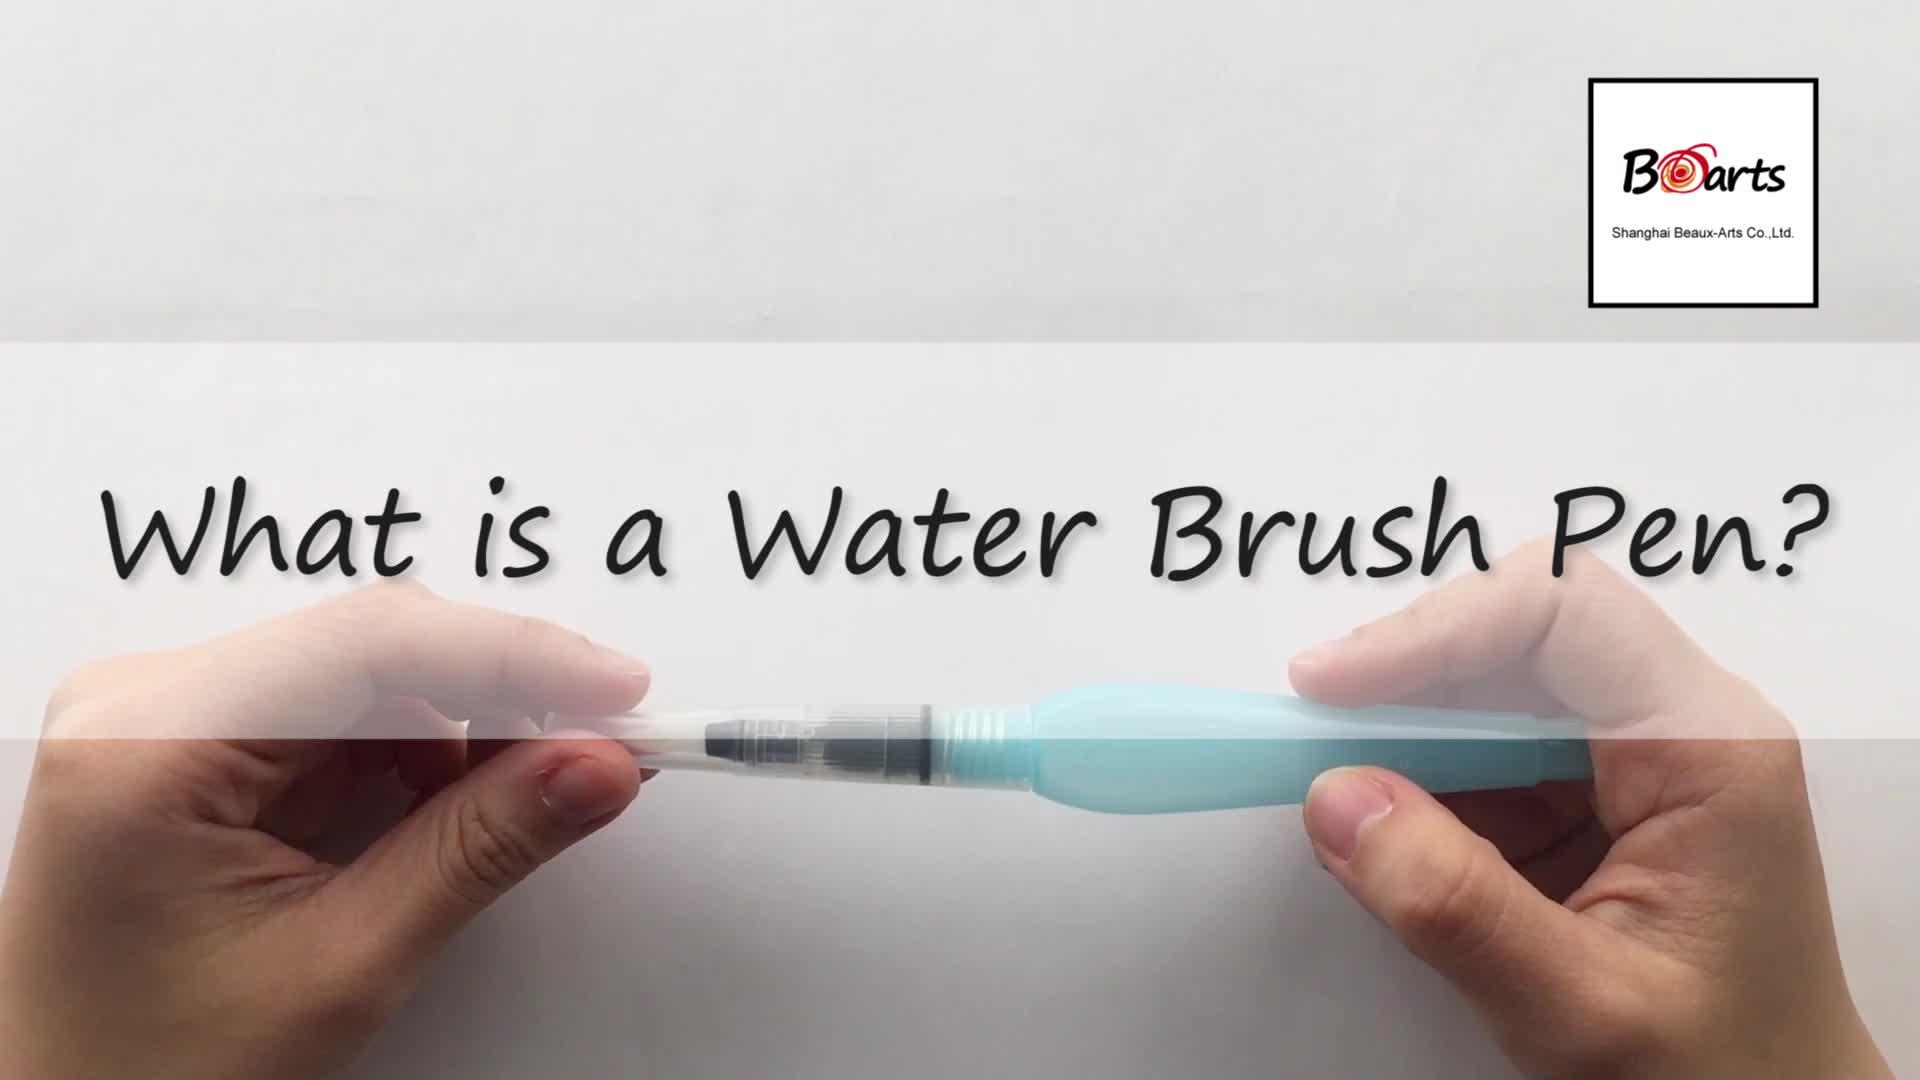 Bianco Manico In Plastica Waterbrush Penna Fai Da Te di Acqua Penna Della Spazzola Per La Pittura Ad Acquerello